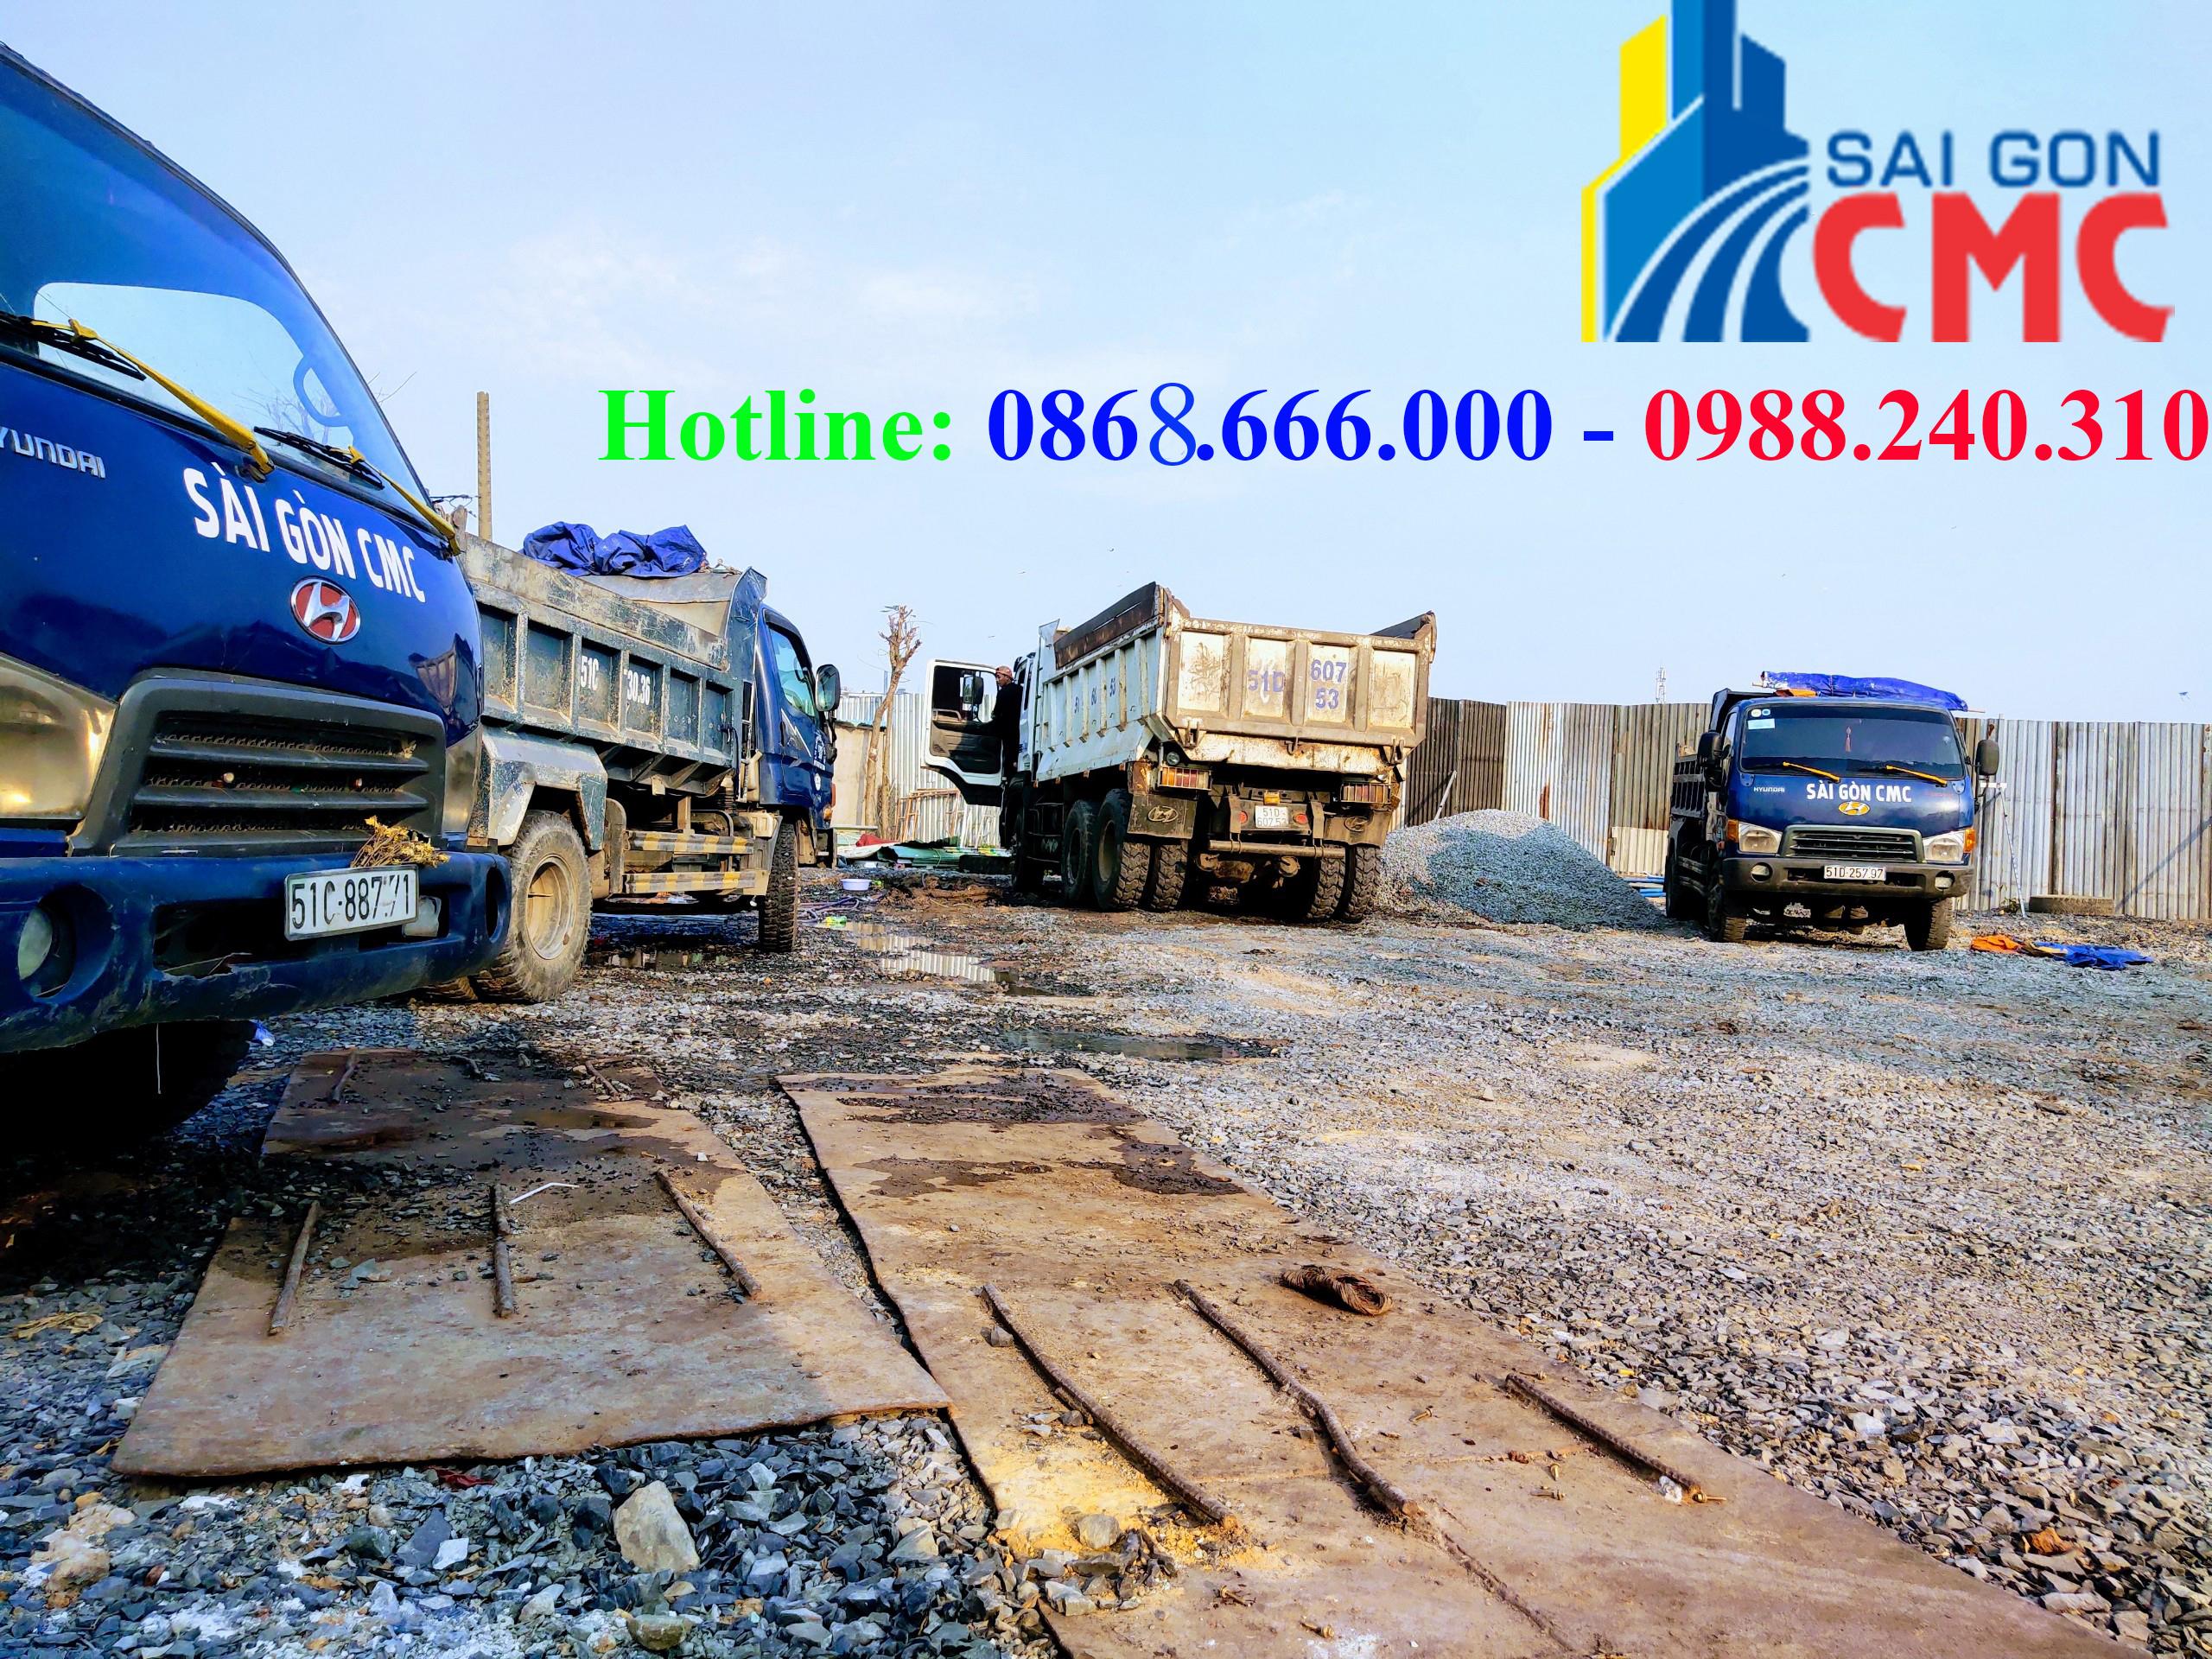 Các mặt hàng vật liệu xây dựng chuyên chở của VLXD CMC